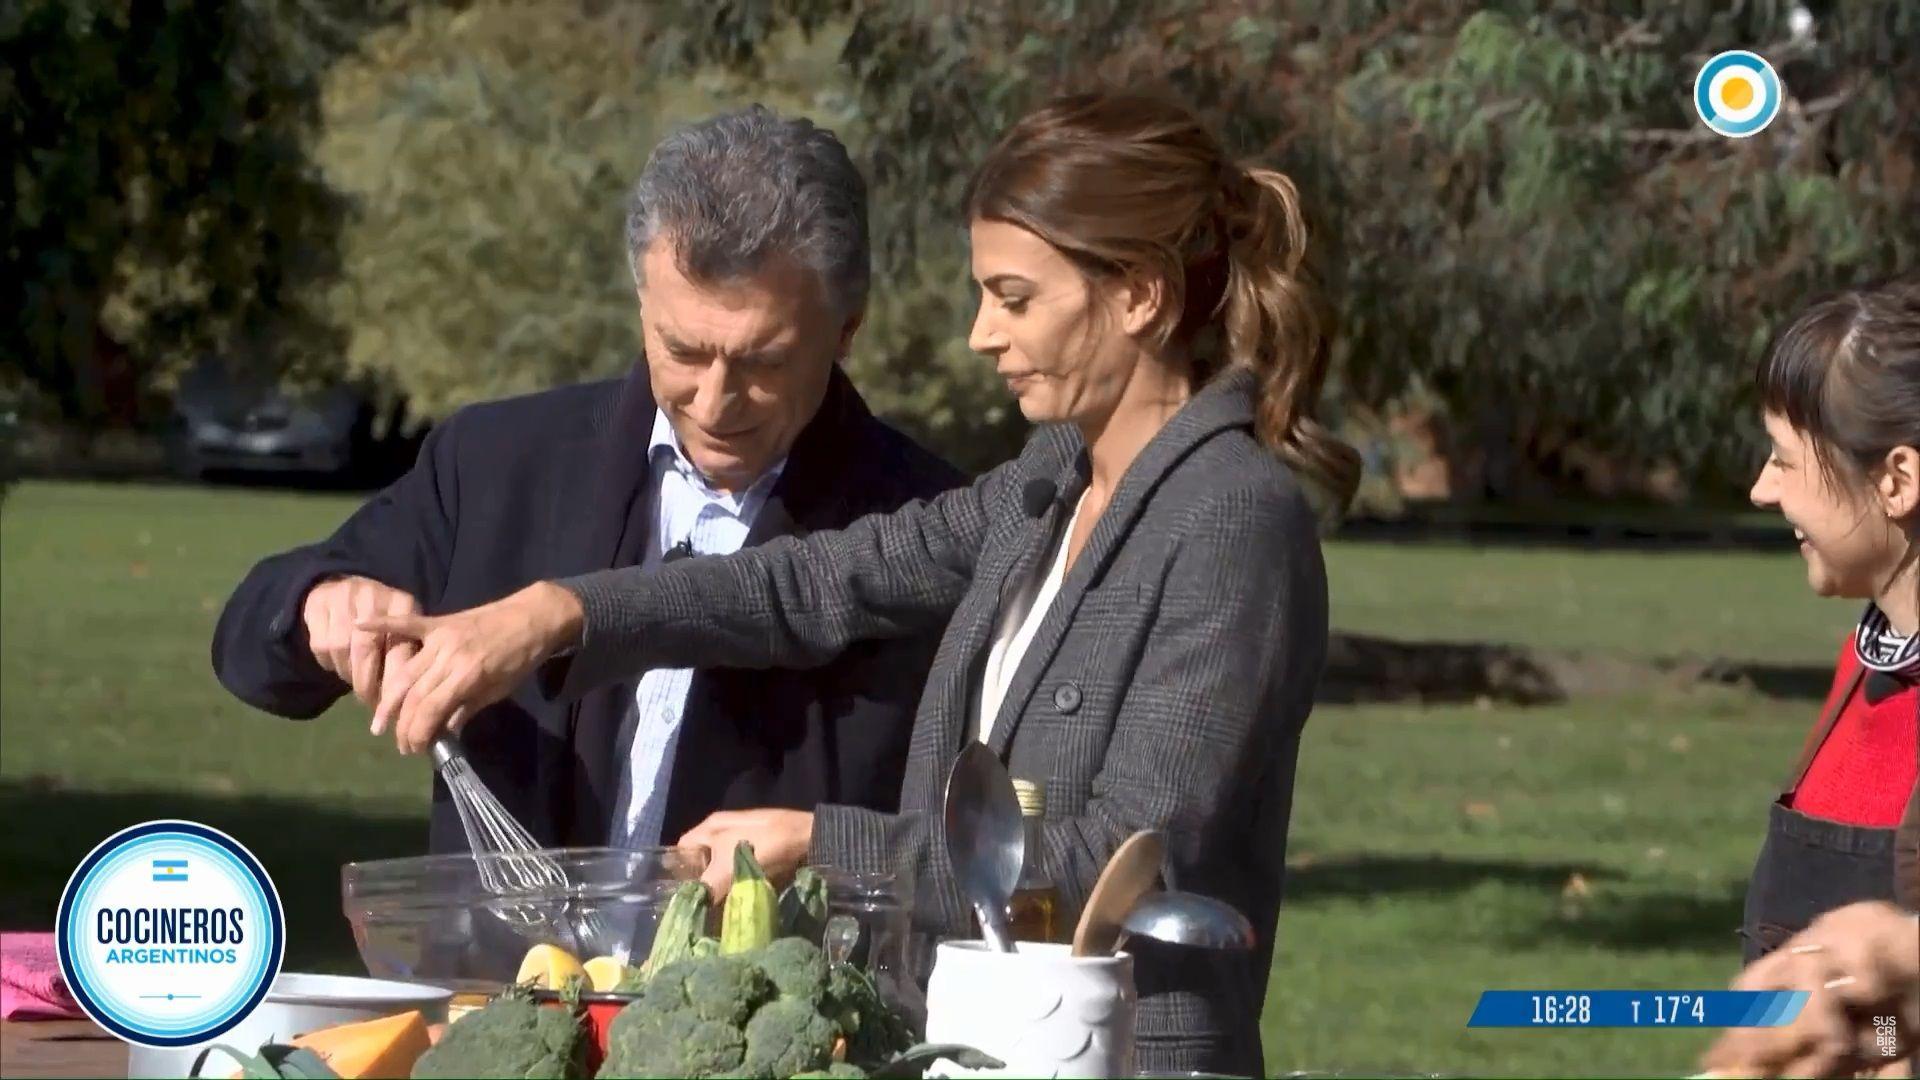 No, mirá...: Macri quiso batir unos huevos en Cocineros Argentinos y Juliana Awada lo retó